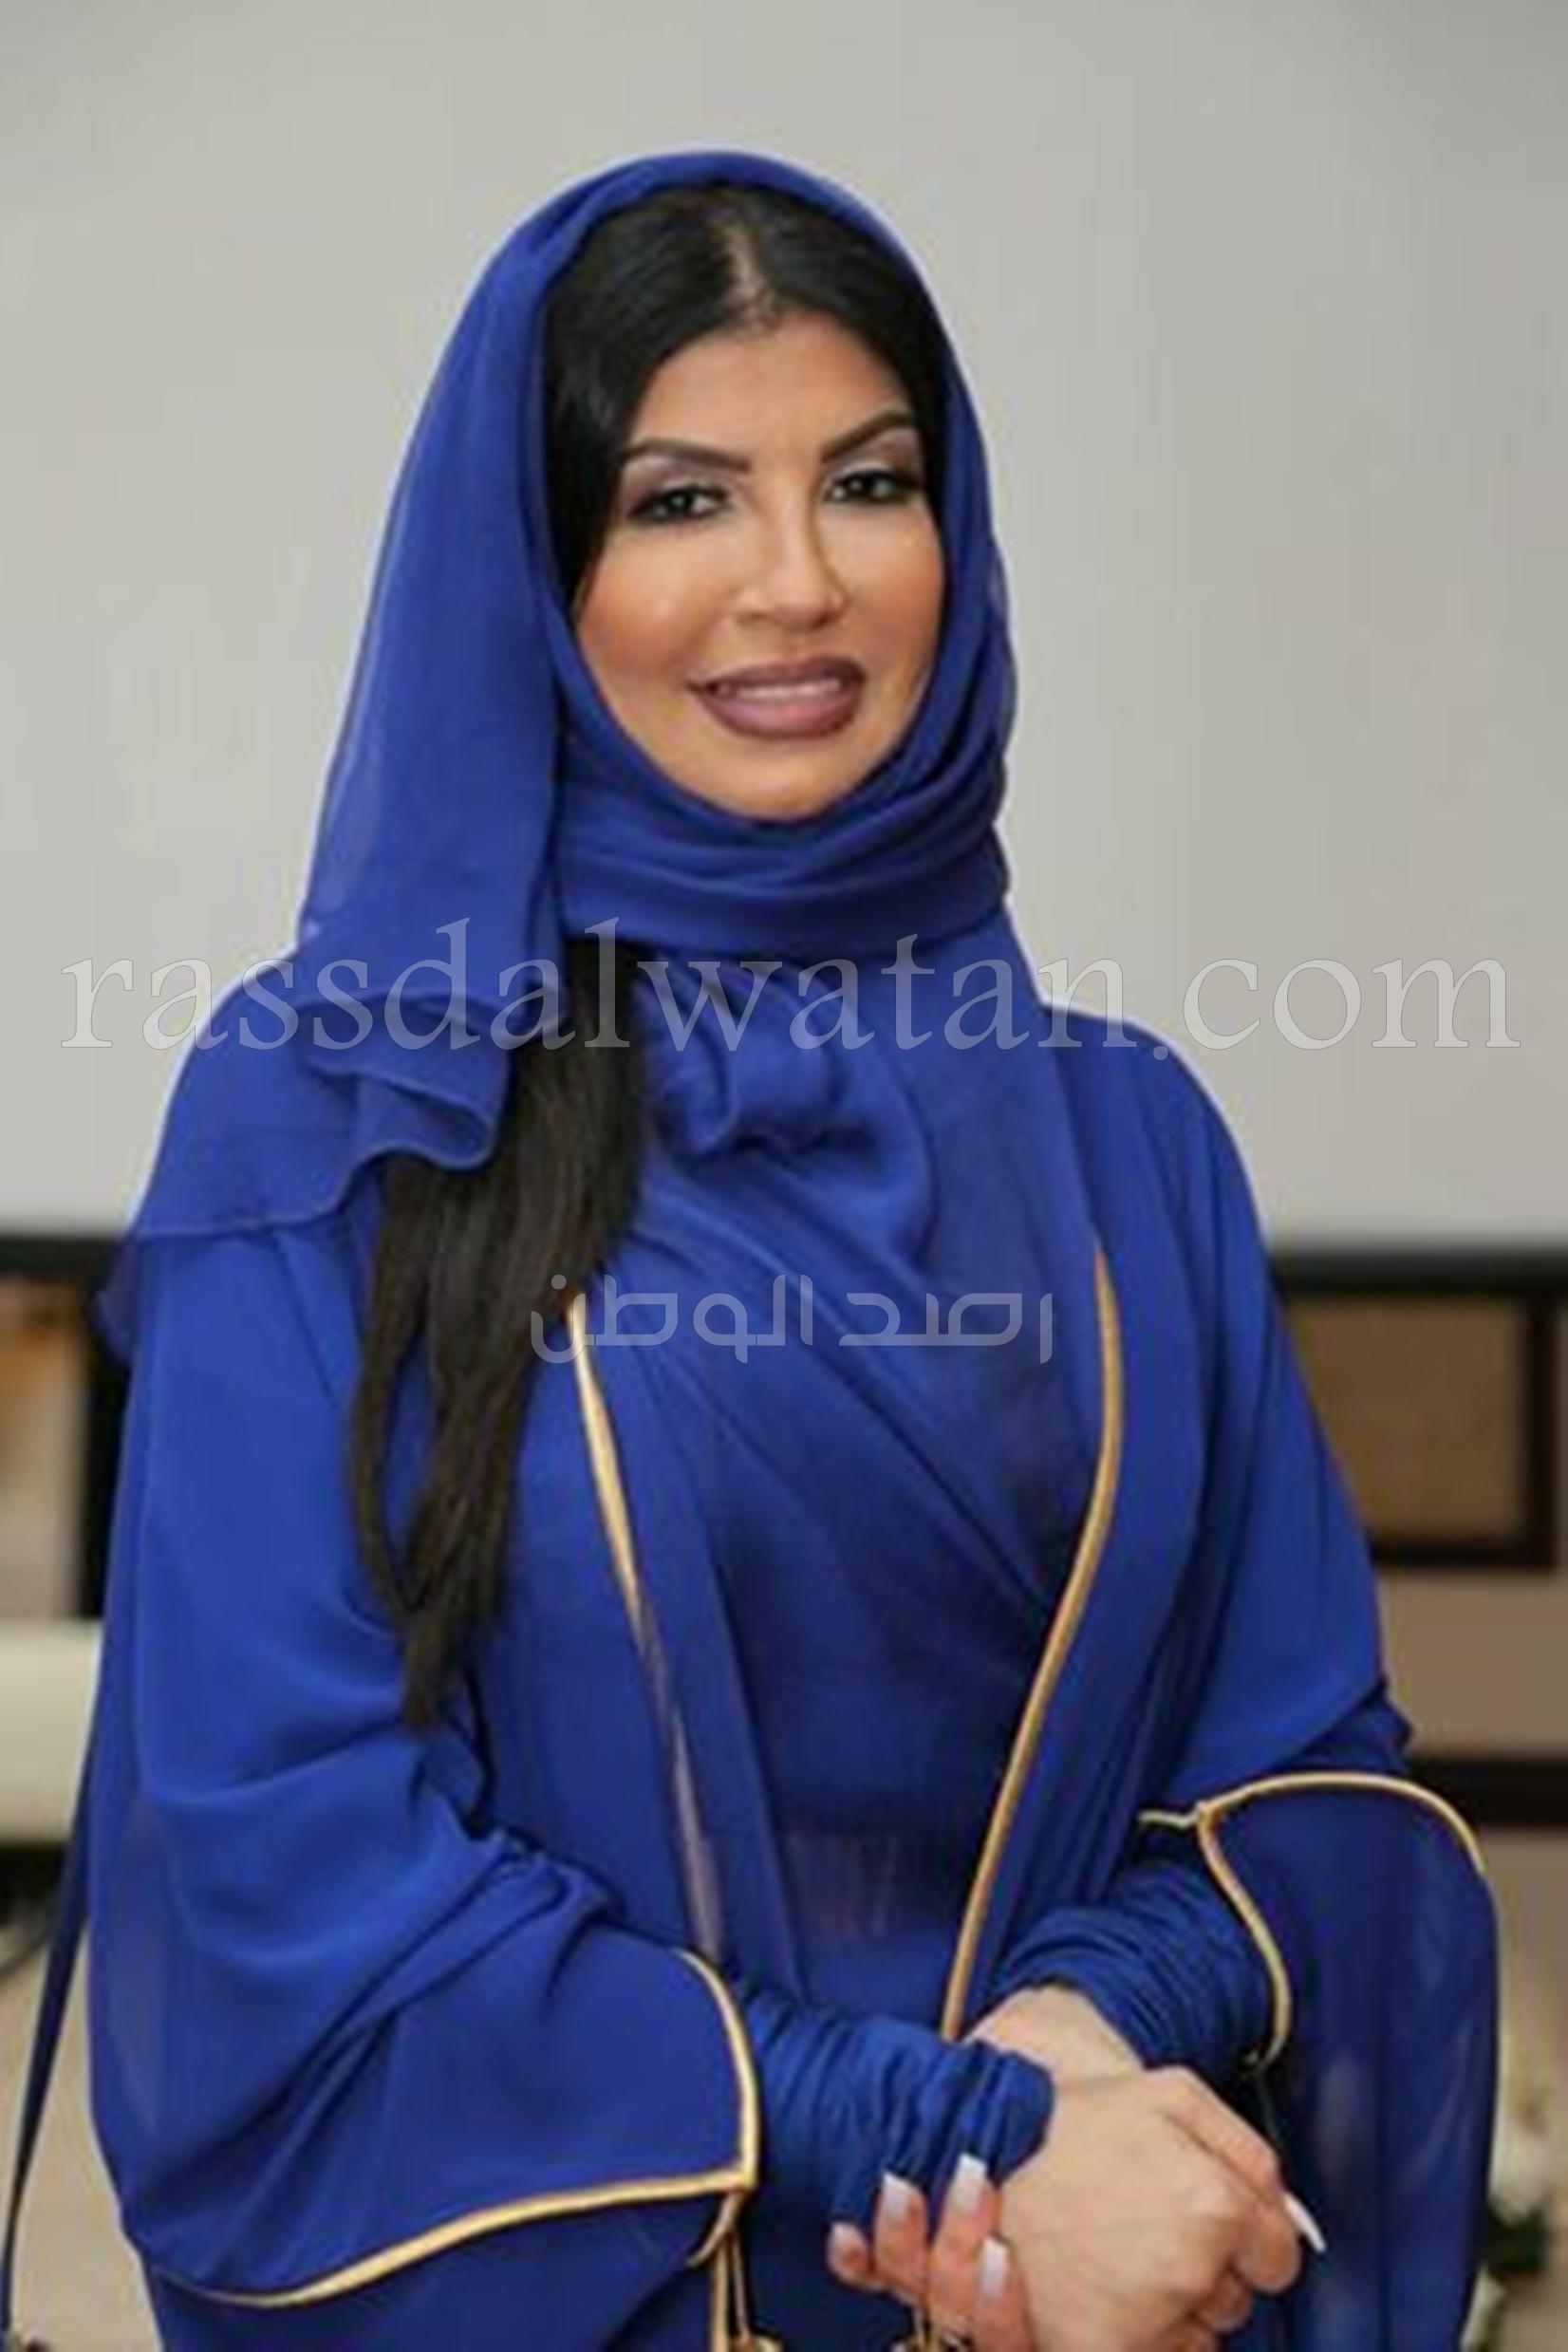 """fba88627a06e3 مصممه الأزياء السعوديه """"أميمة عزوز"""" تدعم خمس""""سعوديات"""" في أكبر مسابقة عربية  لتصميم الأزياء"""